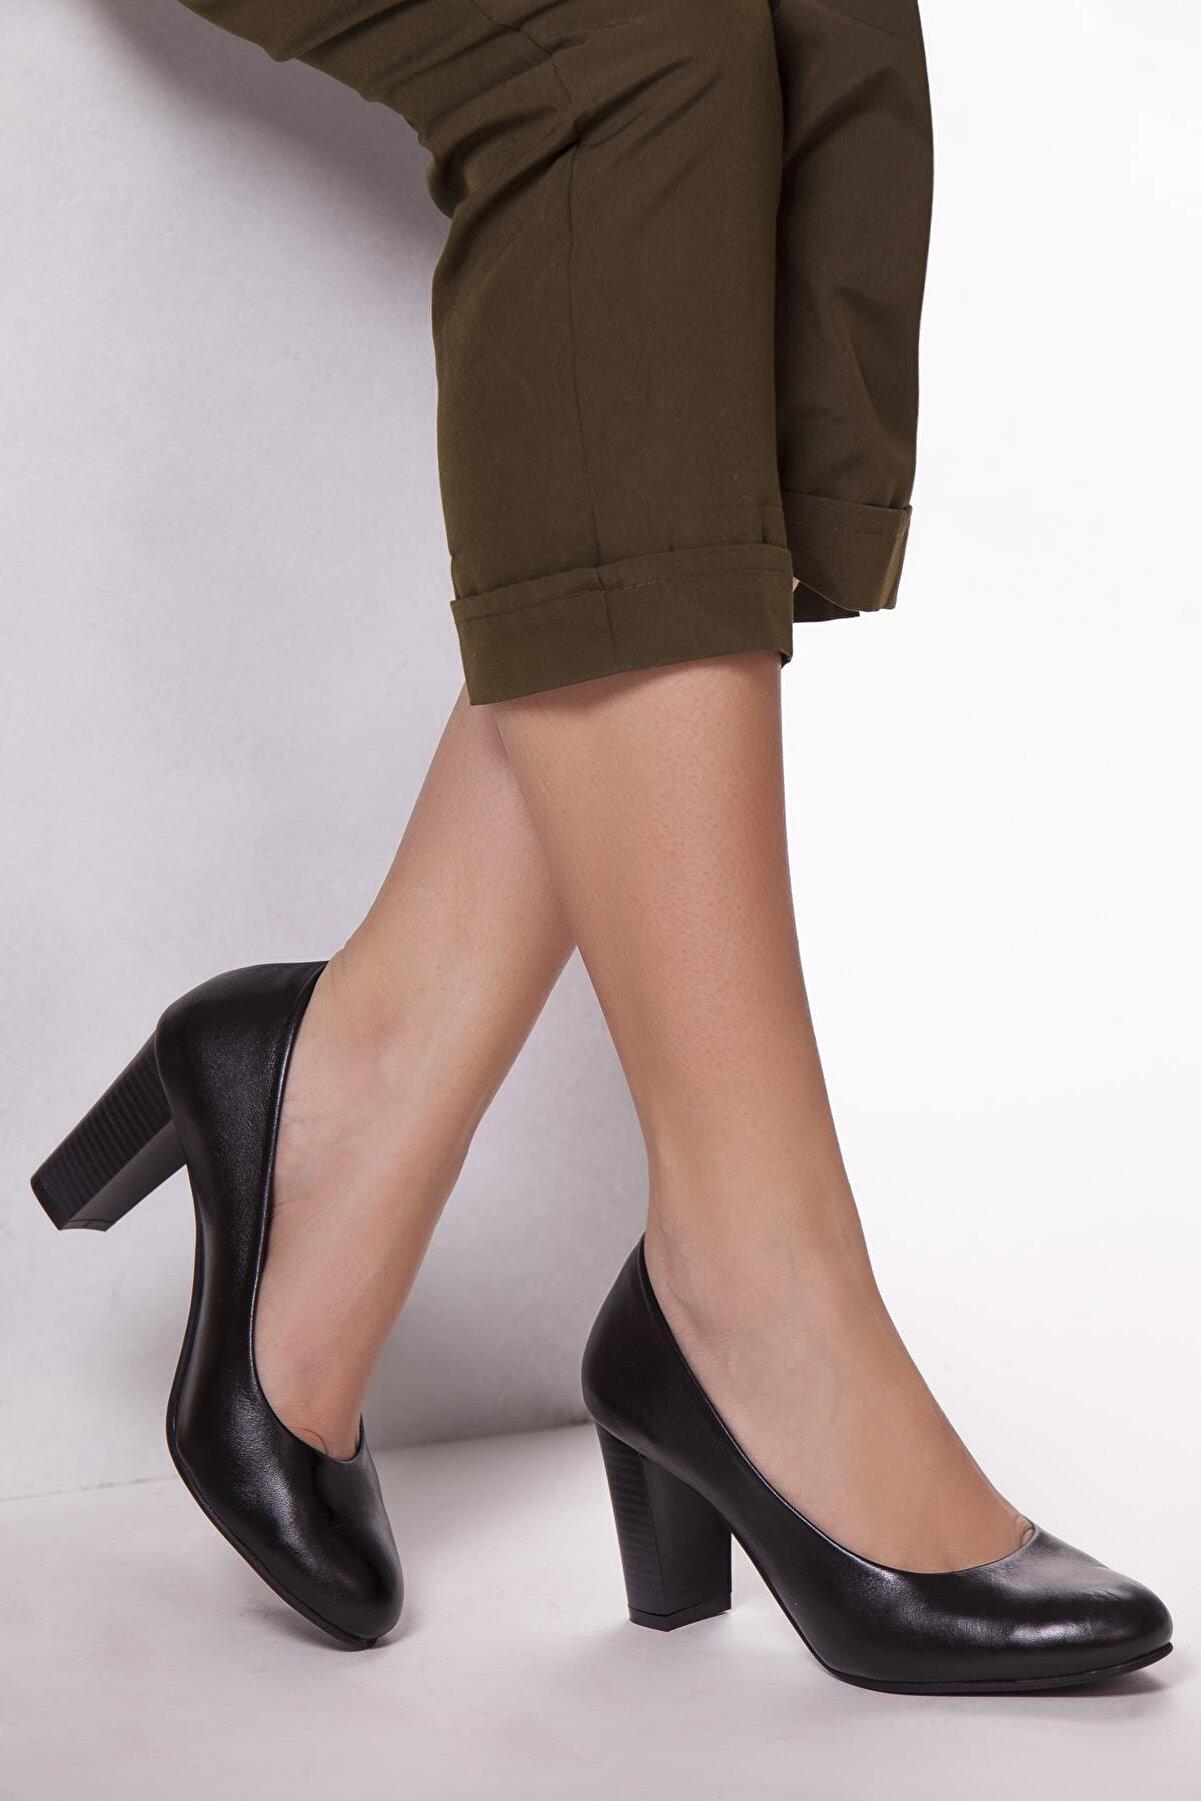 Deripabuc Hakiki Deri Siyah Kadın Topuklu Deri Ayakkabı Shn-0736